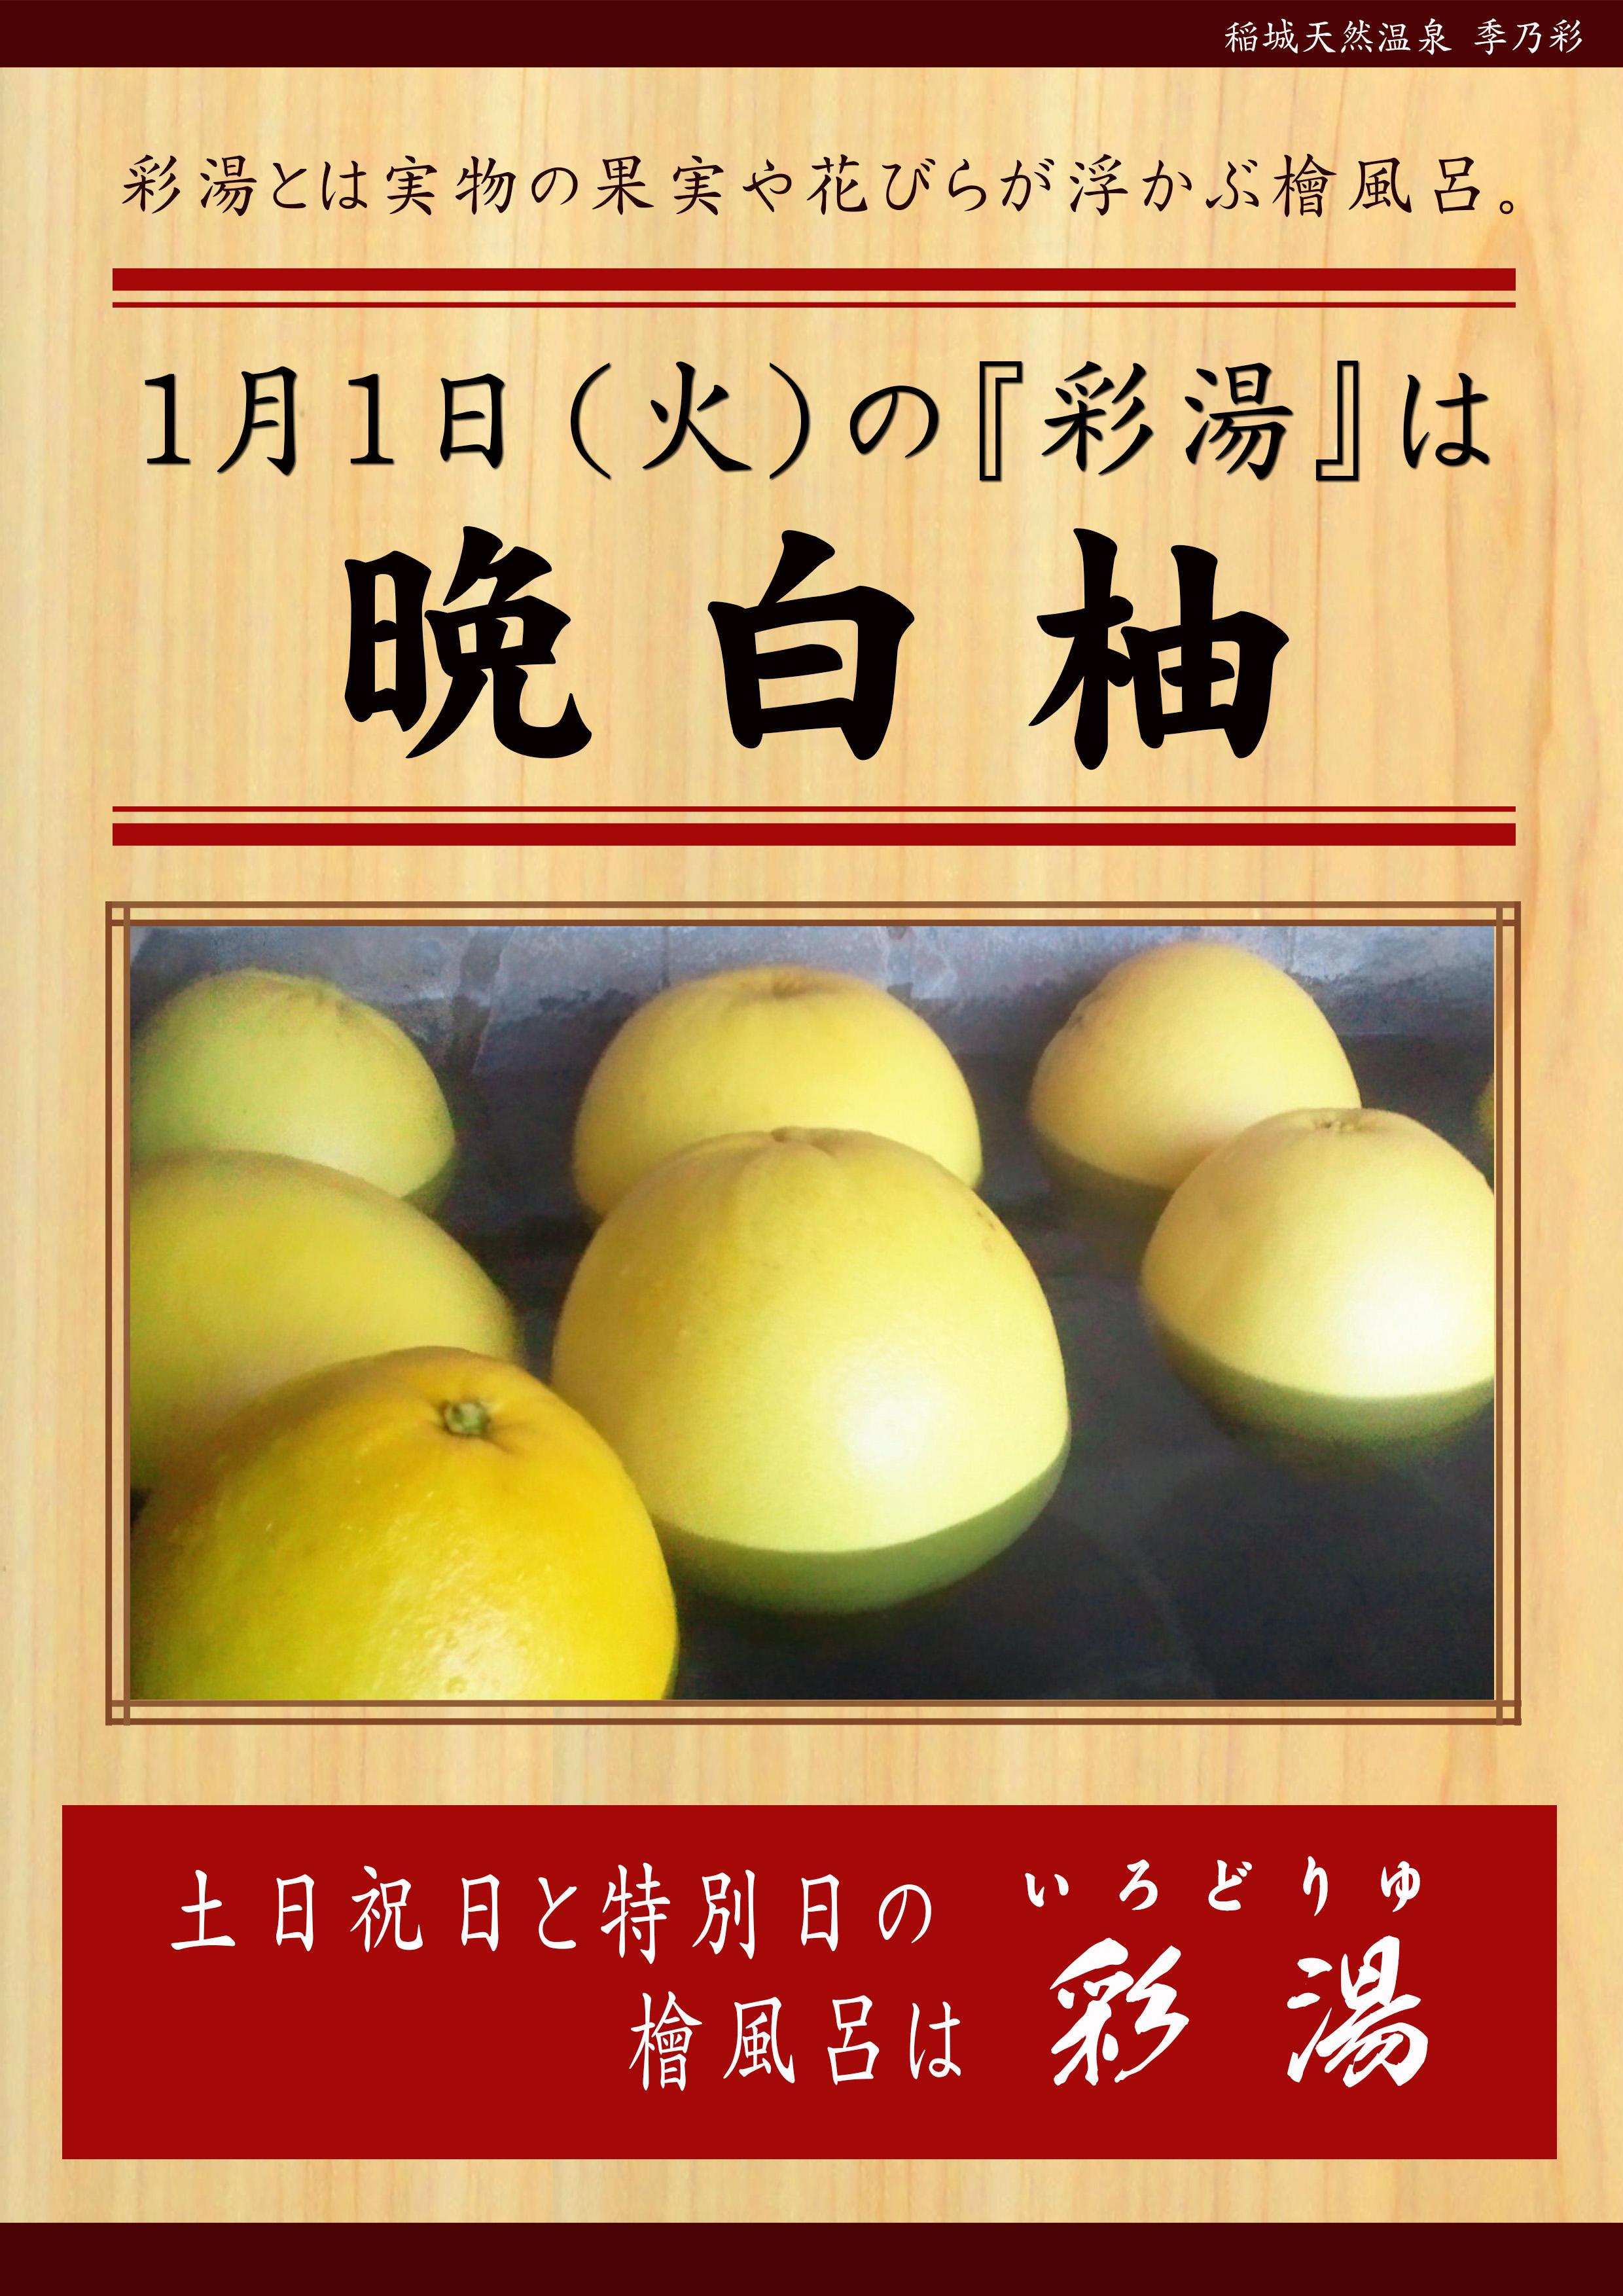 20190101POP イベント 彩湯 晩白柚